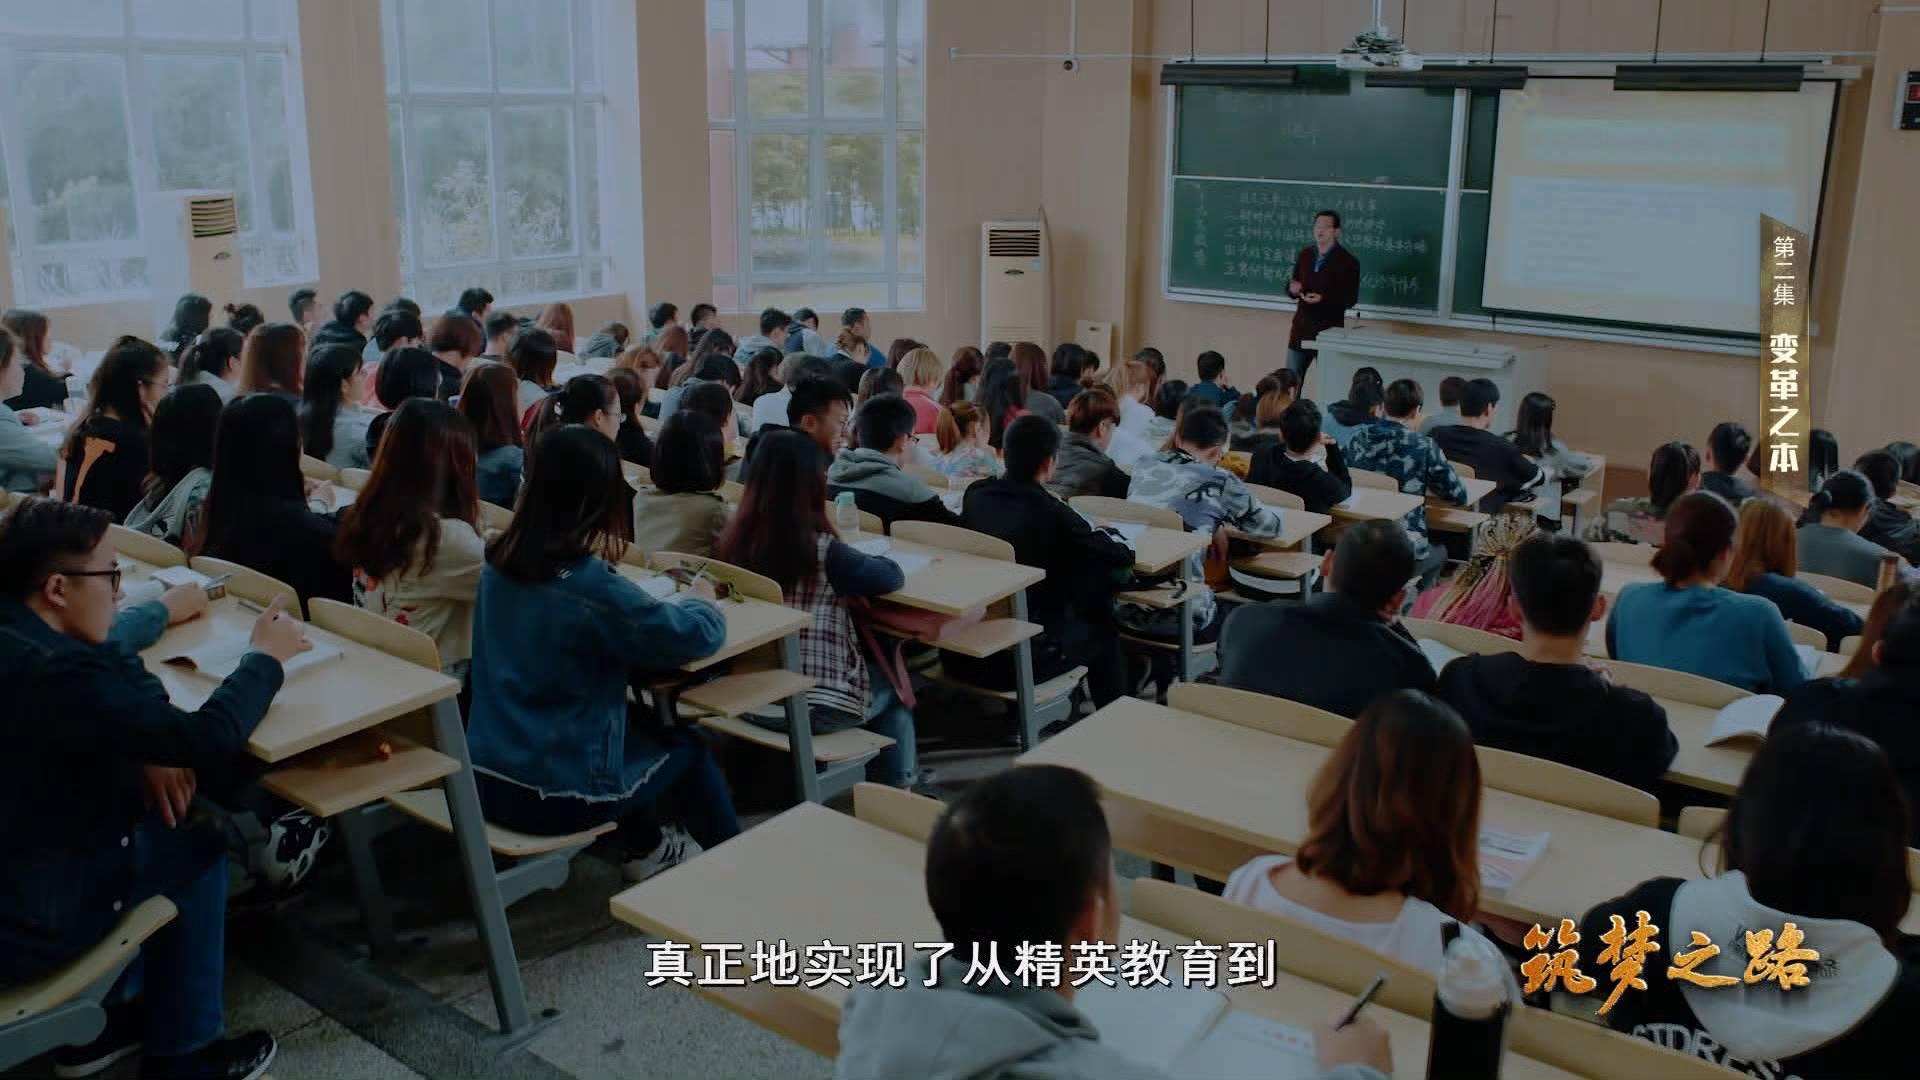 《筑梦之路》②|变革之本:山东这样实现了更高层次教育公平